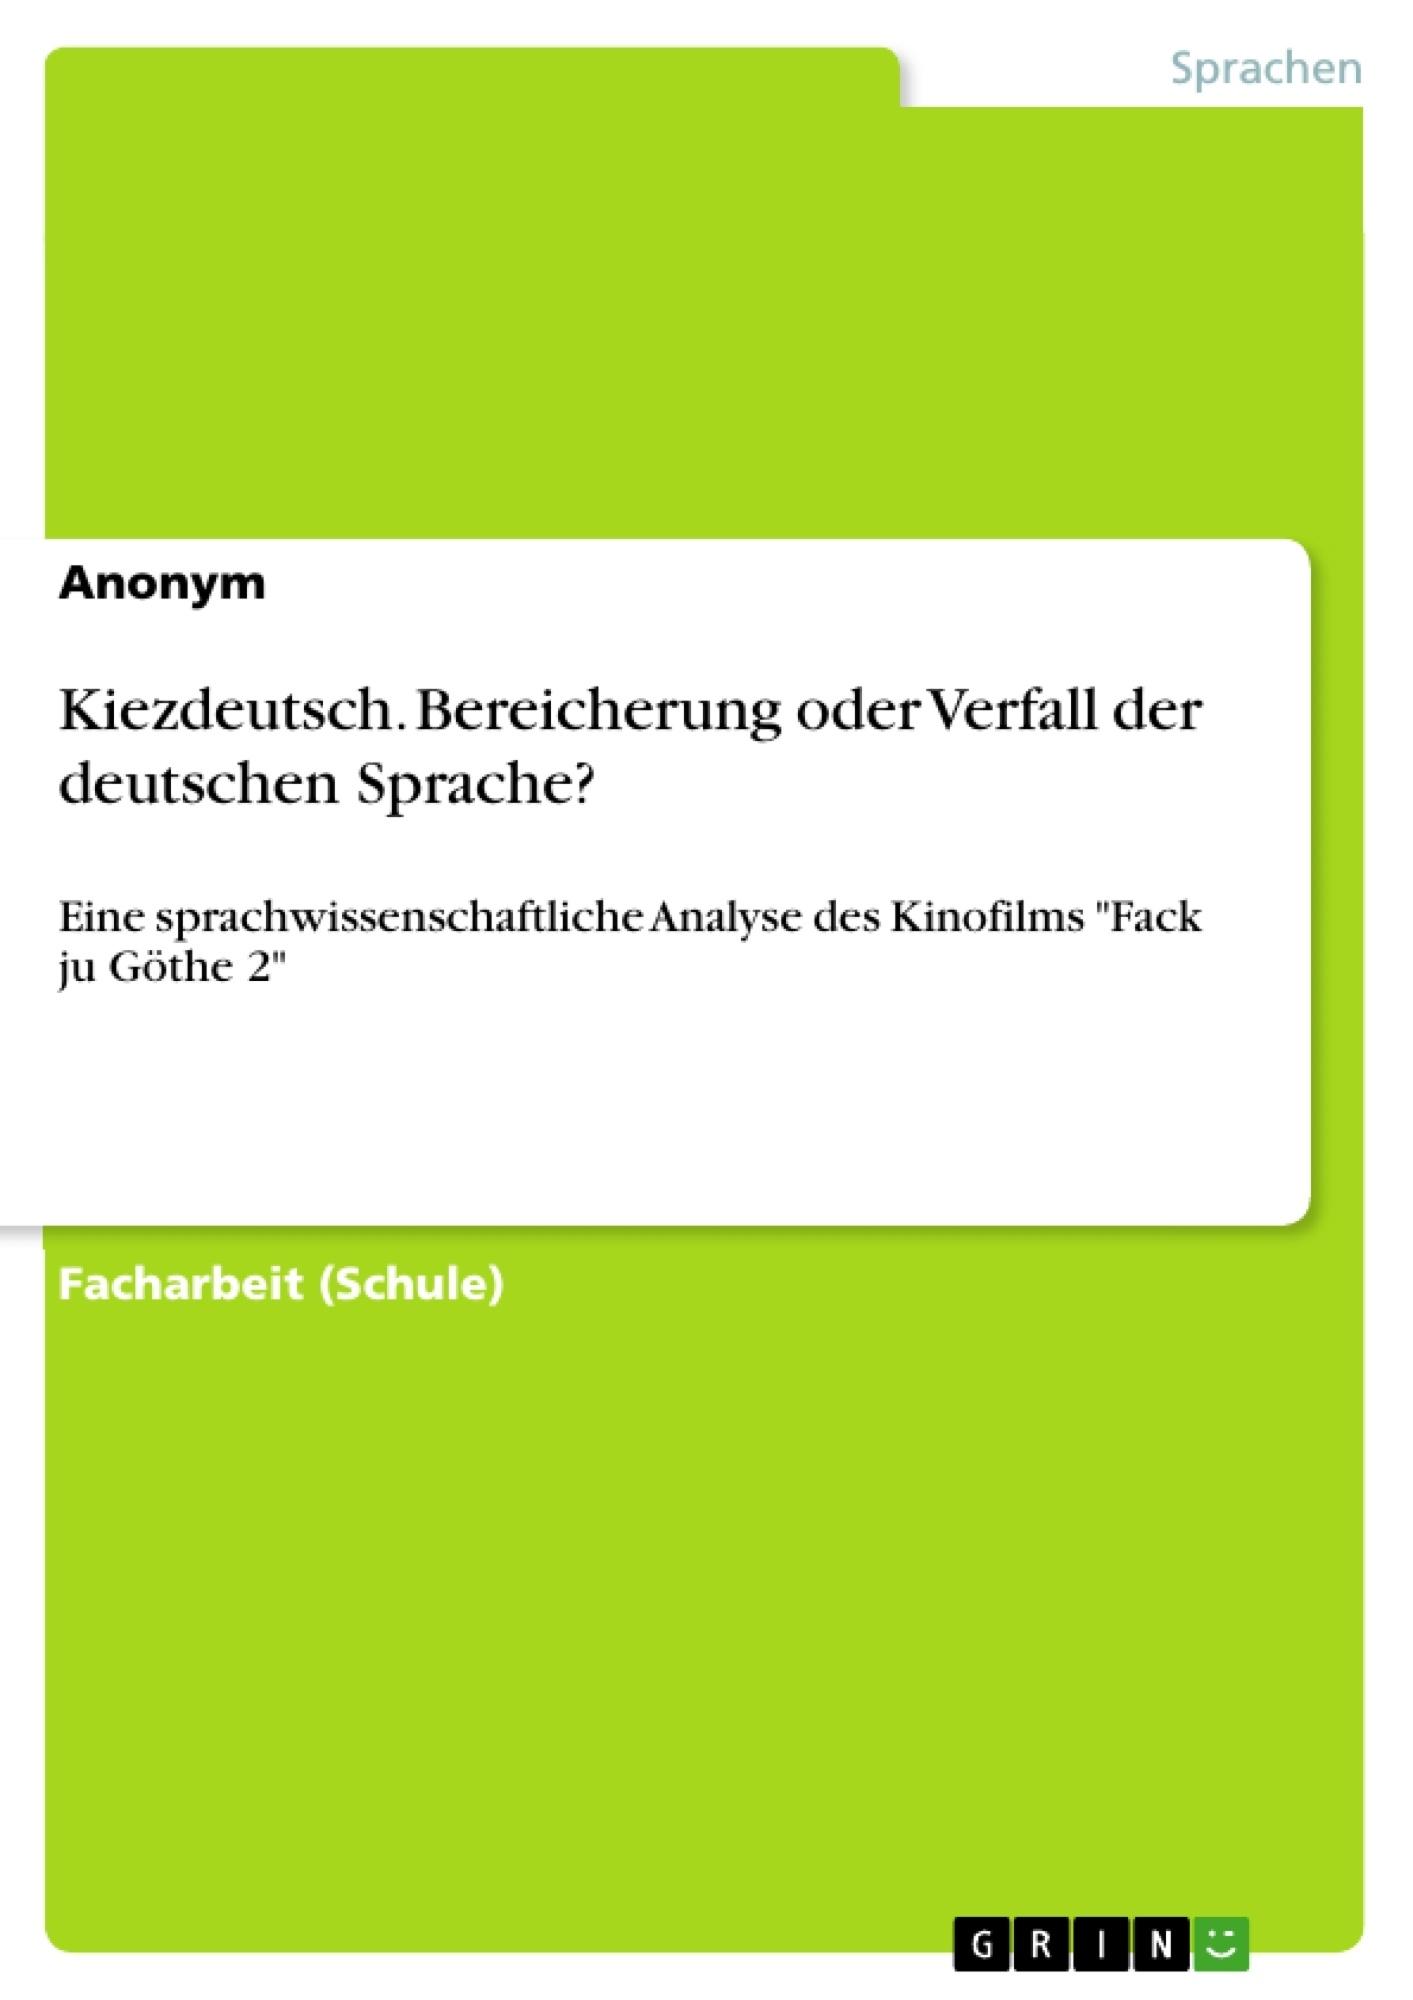 Titel: Kiezdeutsch. Bereicherung oder Verfall der deutschen Sprache?